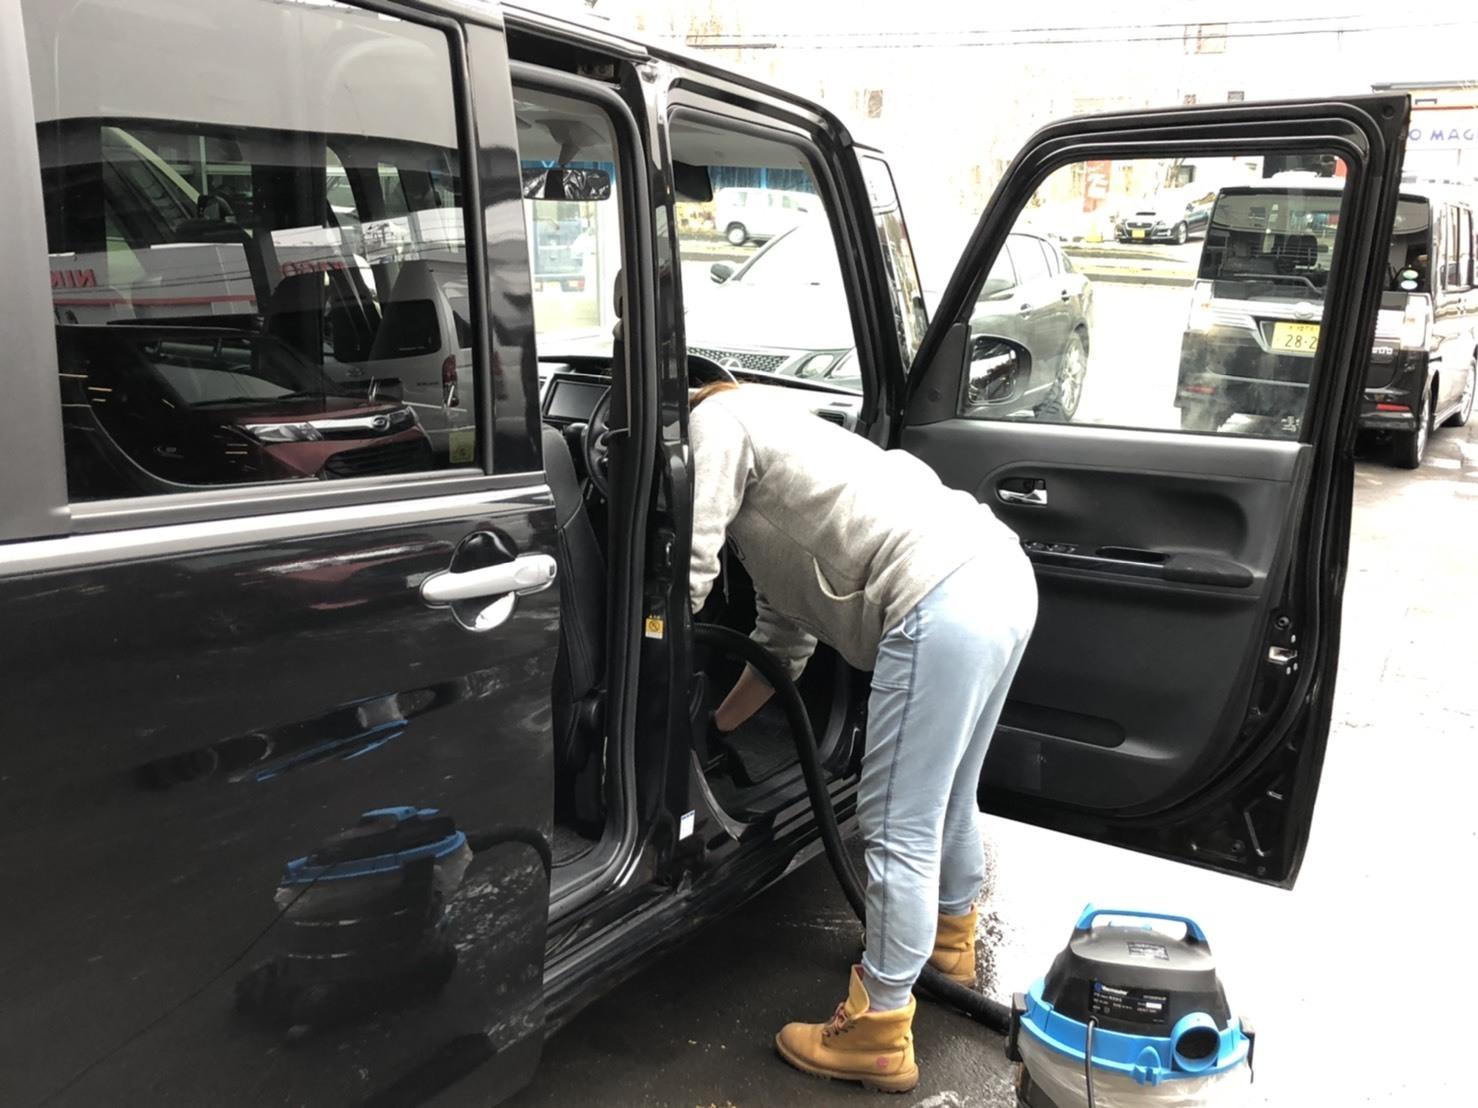 12月17日(火)本店ブログ♪ ハイエースバン 5ドアバン3.0DT スーパーGLロング 4WD_b0127002_17272278.jpg